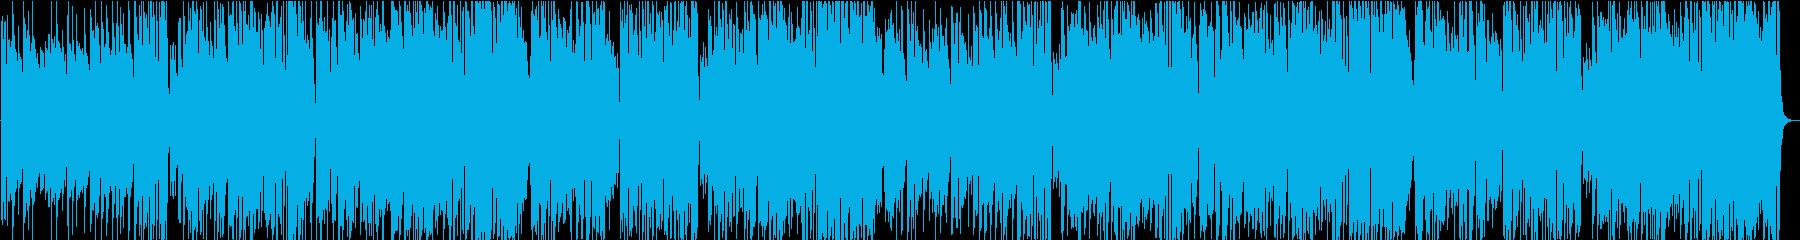 爽やかな日常BGMの再生済みの波形